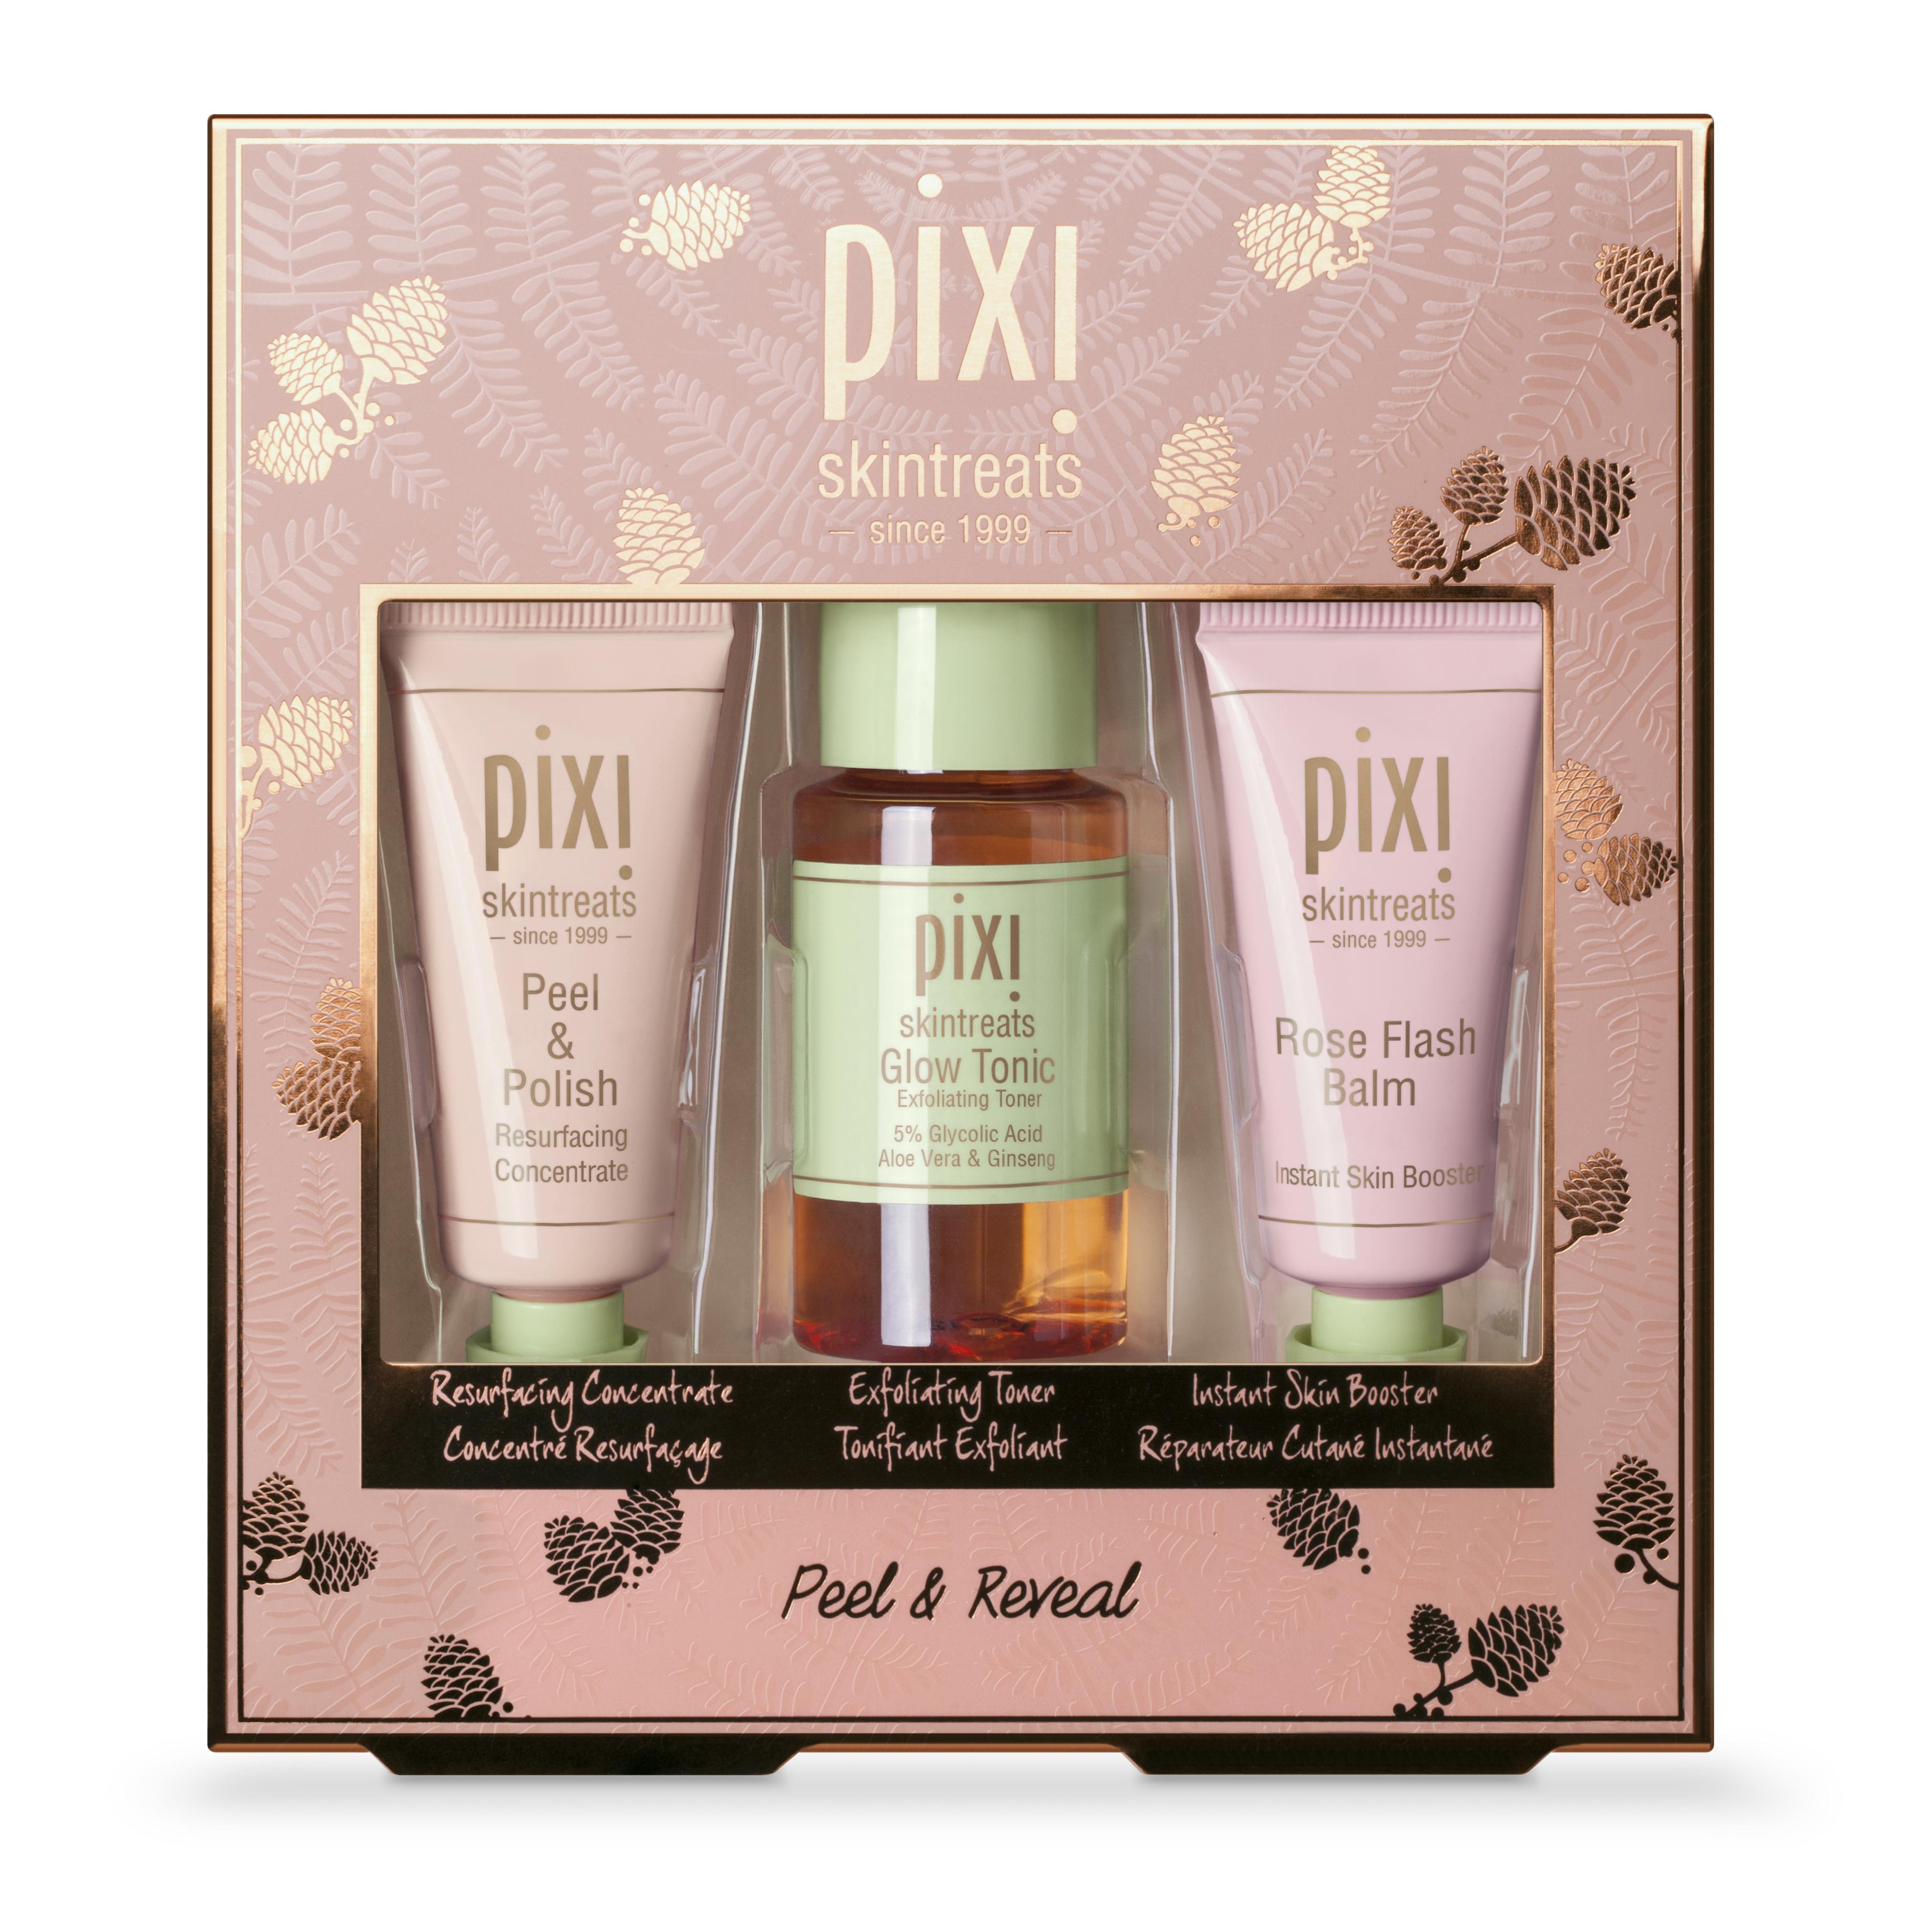 Pixi Peel & Reveal Face skincare kit: